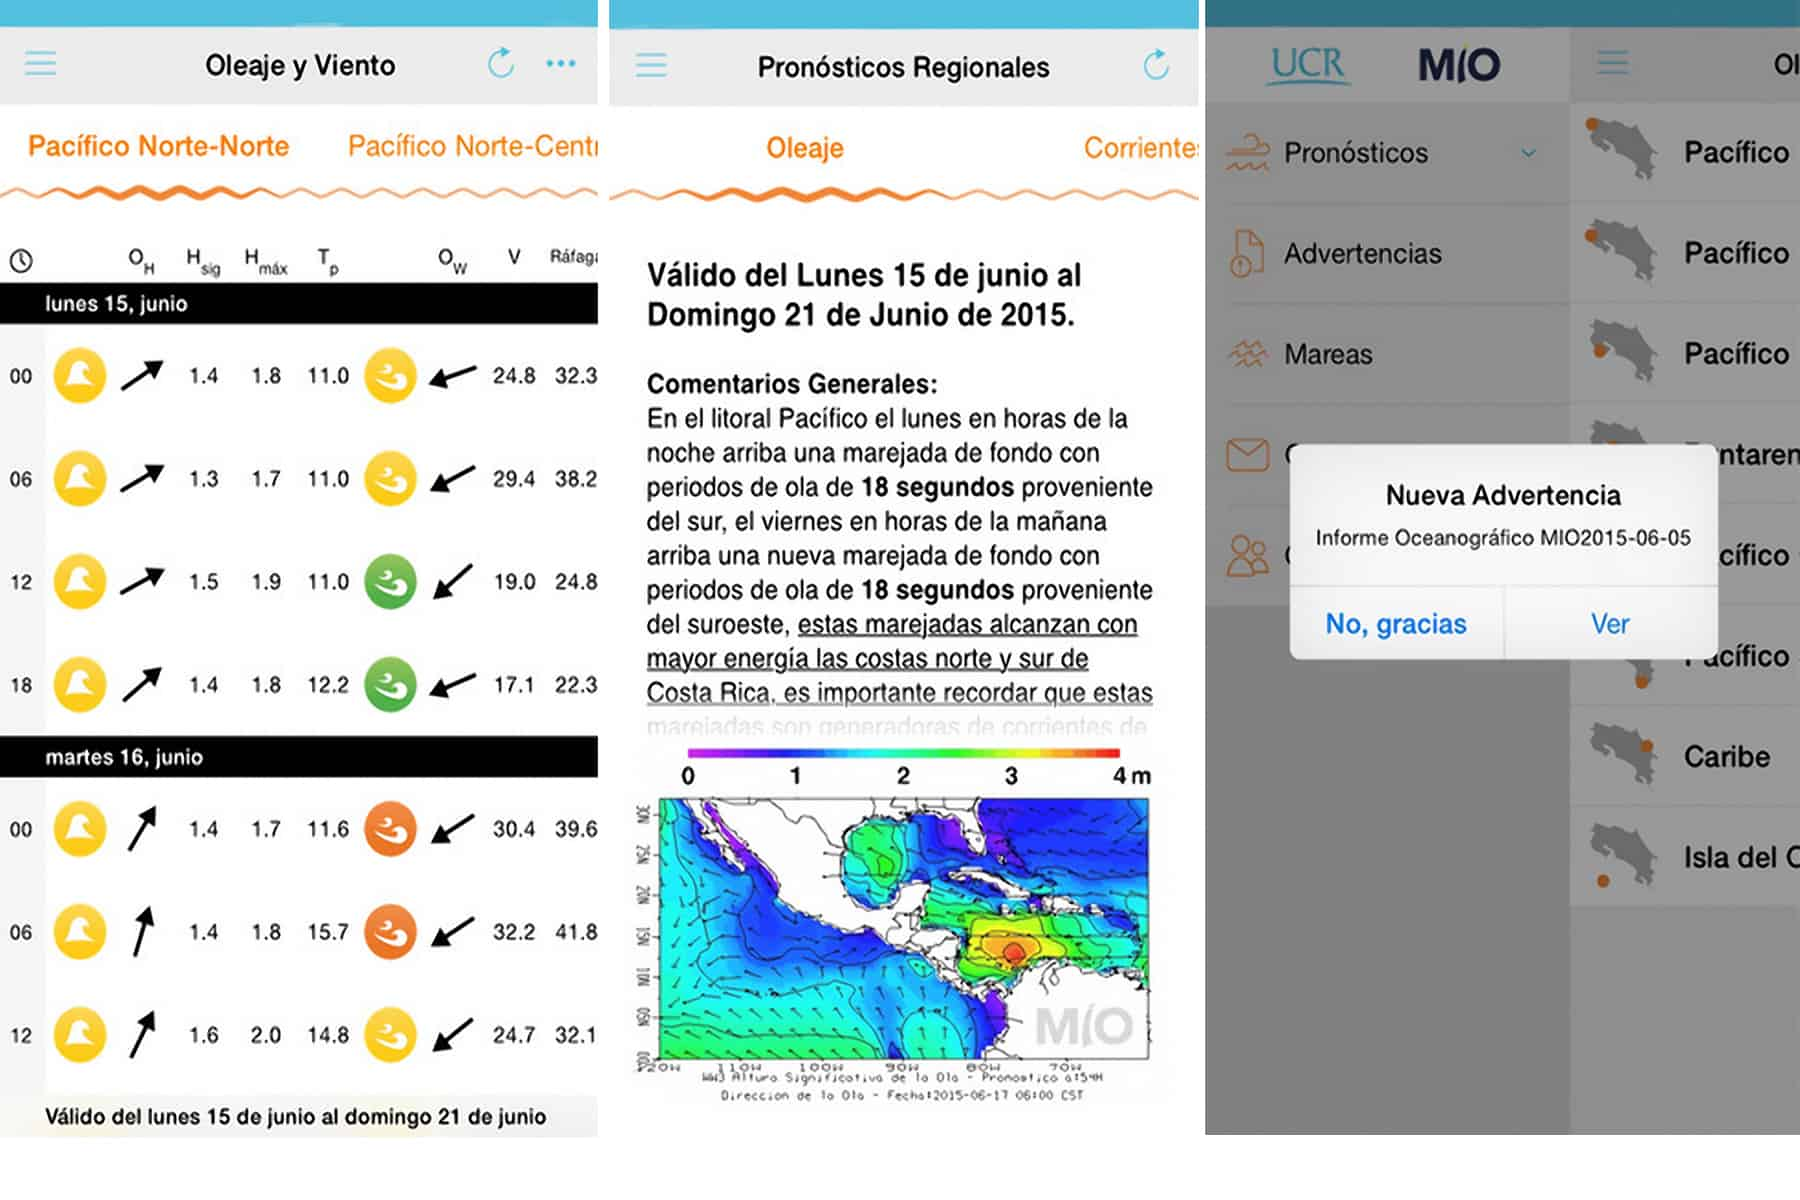 MIO-CIMAR app